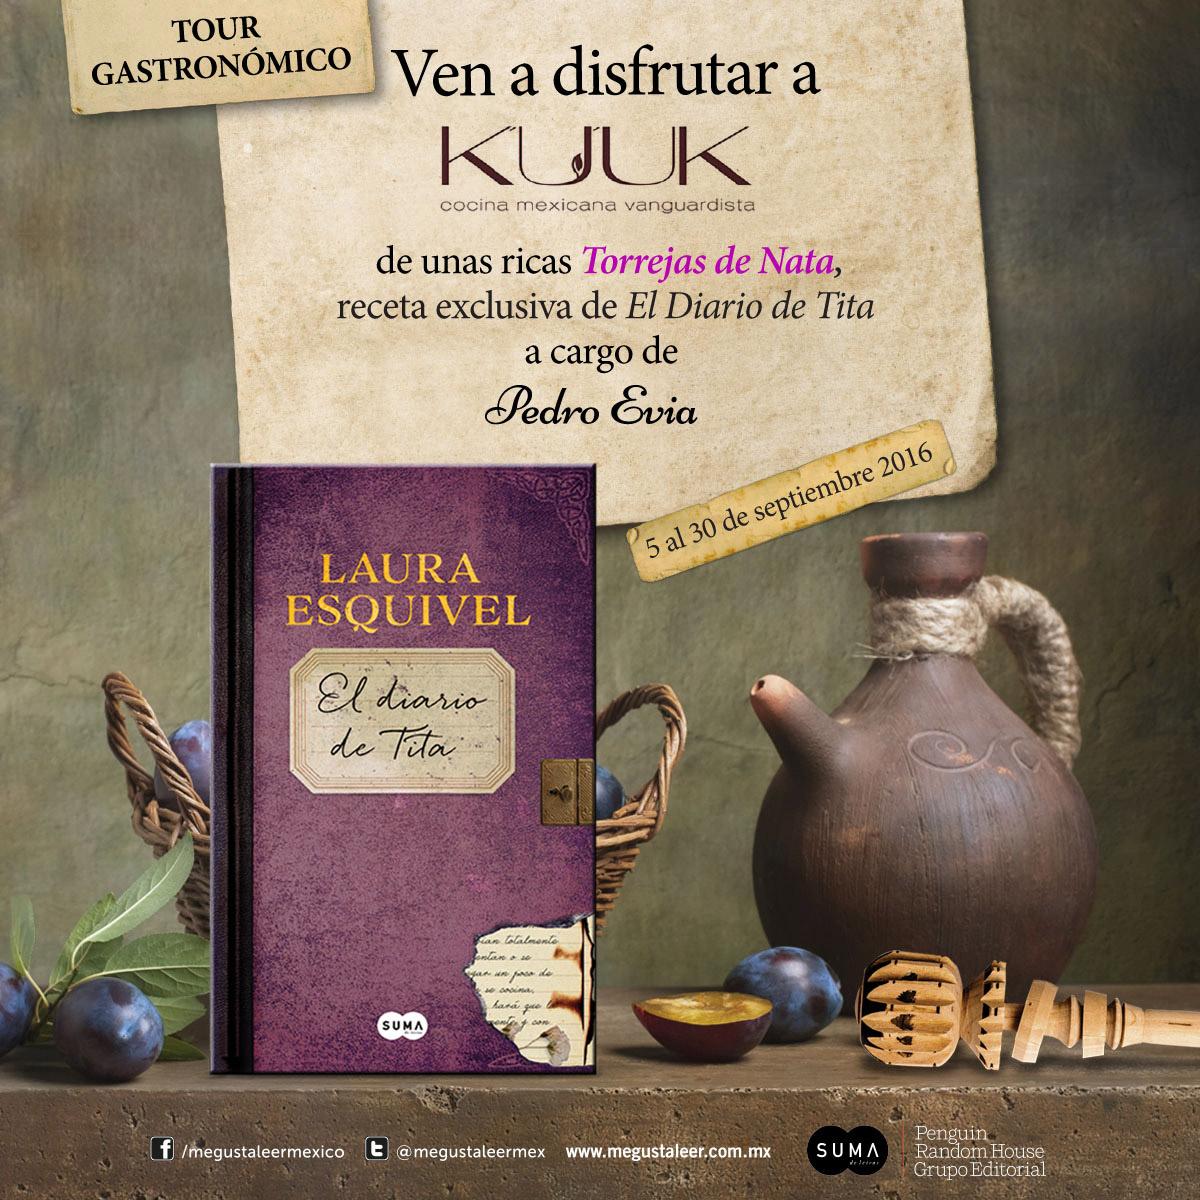 el-diario-de-tita_invitacion_kuuk_1200-x-1200